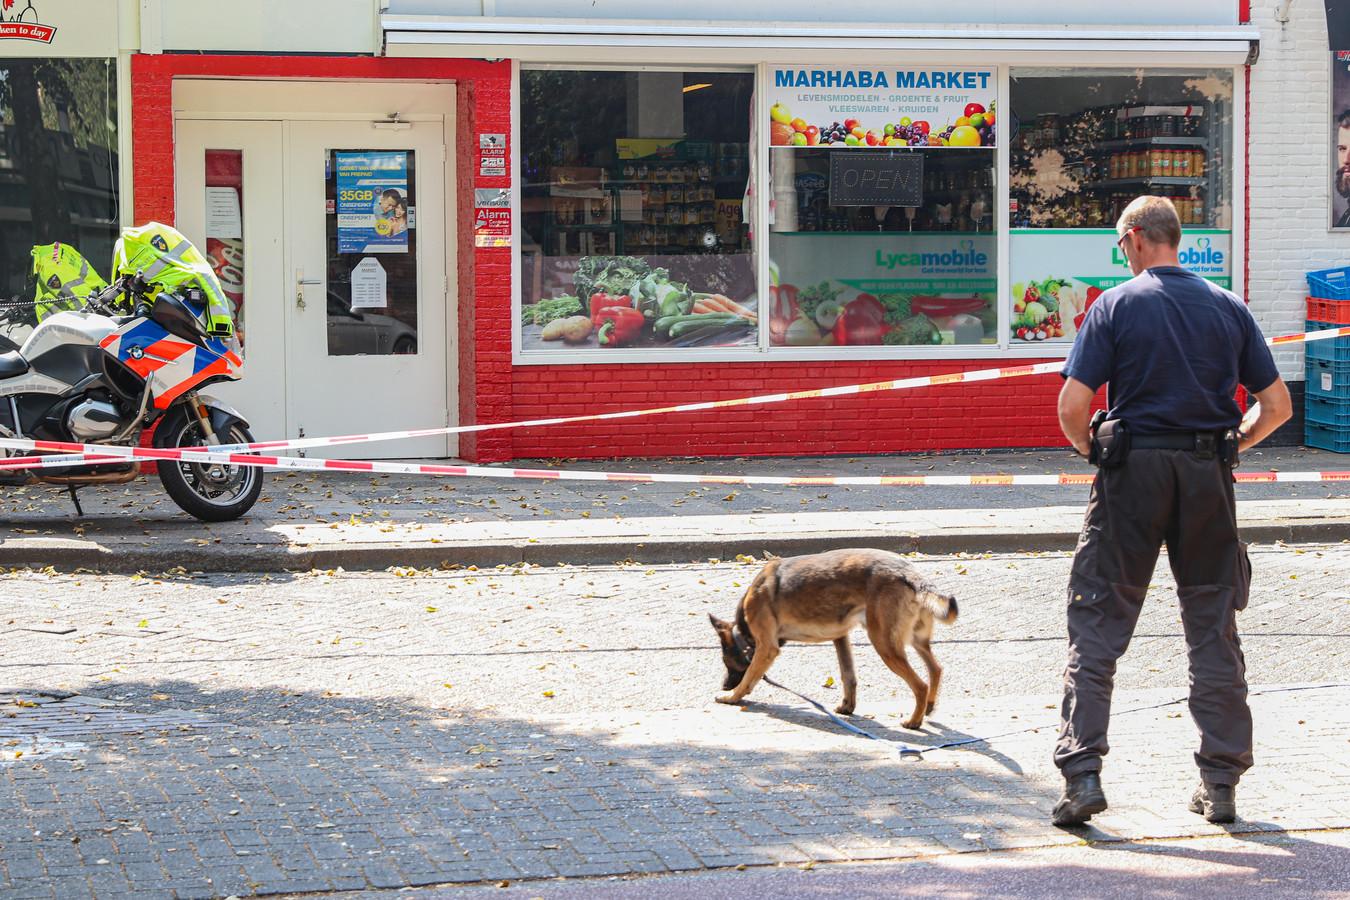 Een forensisch team onderzoekt het gat in de ruit van een supermarkt in Emmeloord.